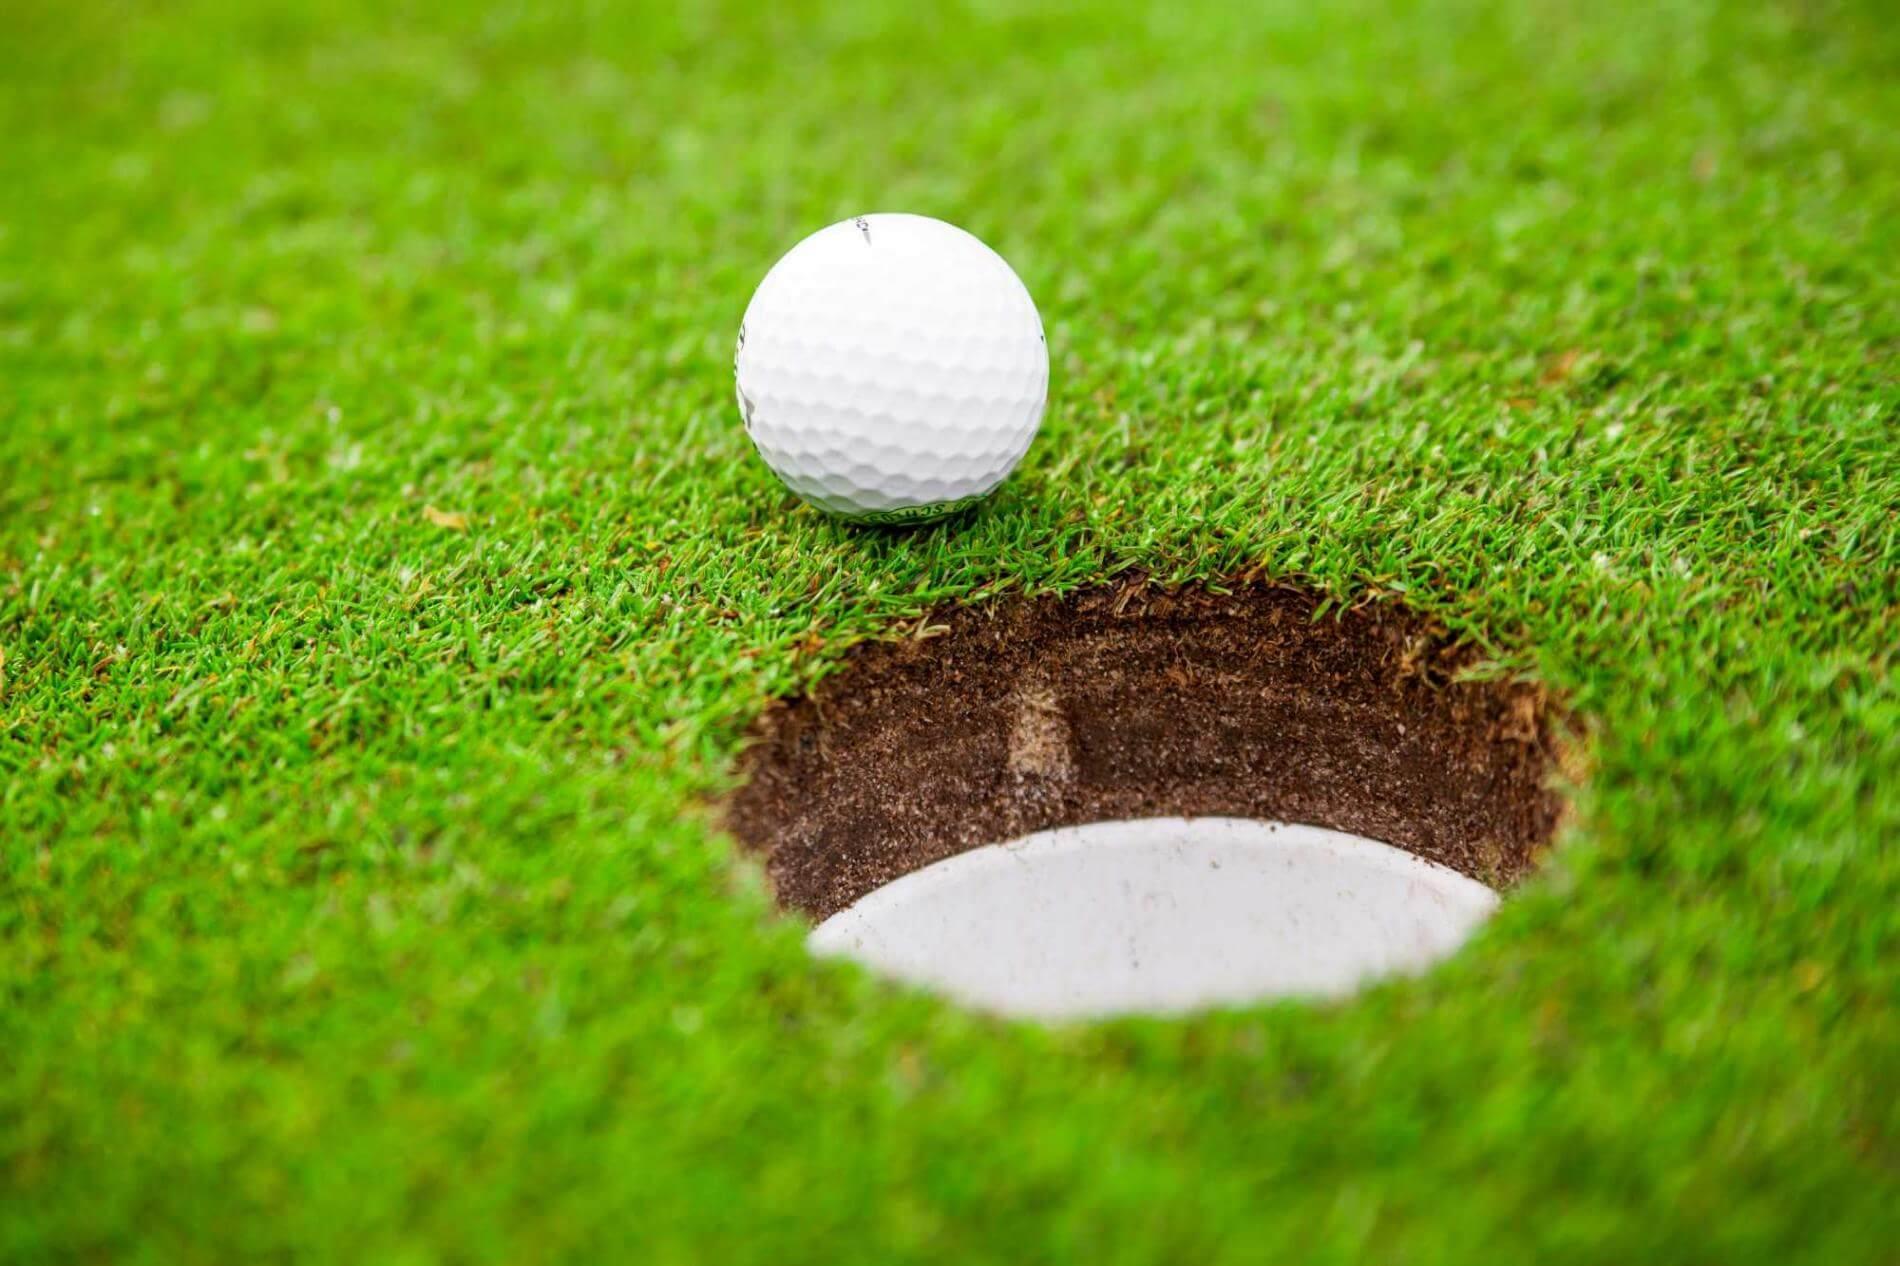 כדור גולף ליד החור - המחשה לשיווק ממוקד לקהל היעד